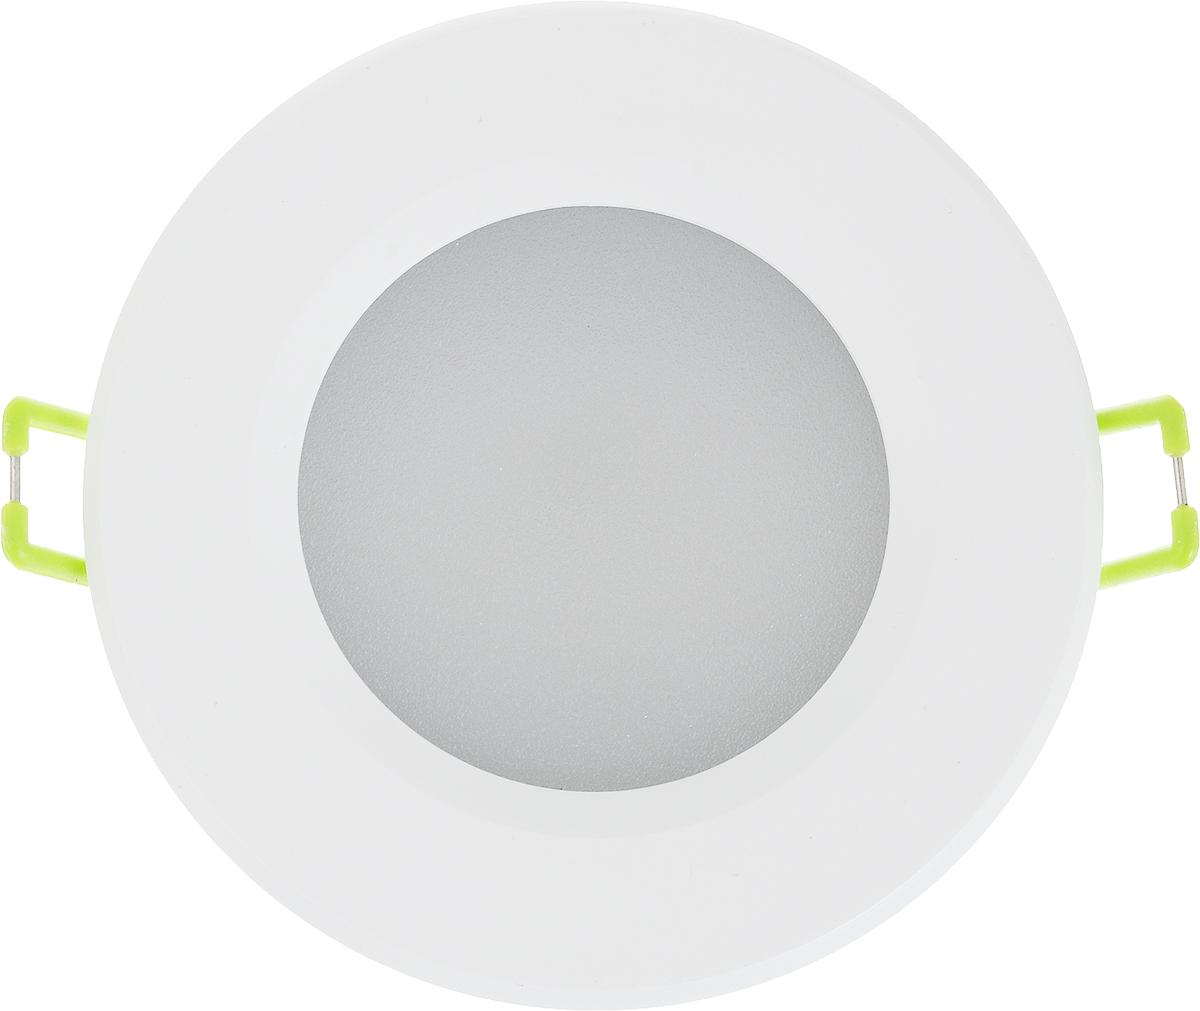 Встраиваемый светильник Navigator NDL-P1-6W-840-WH  предназначен для общего освещения: промышленных и  сельскохозяйственных объектов, теплиц, складов, гаражей,  подвалов, автопарковок, тоннелей, автомоек, кухонных,  душевых и прочих помещений с повышенным содержанием  пыли и влаги. В комплекте: светильник, инструкция по эксплуатации.  Рассеиватель: матовый. Мощность: 6 Вт. Световой поток: 450 лм. Цветовая температура: 4000 К. Степень защиты: IP65. Напряжение: 176-264 В. Частота: 50/60 Гц. Сила тока: 0,052 А. Диаметр врезного отверстия: 76-90 мм. Температура эксплуатации: -30°С до +40°С.